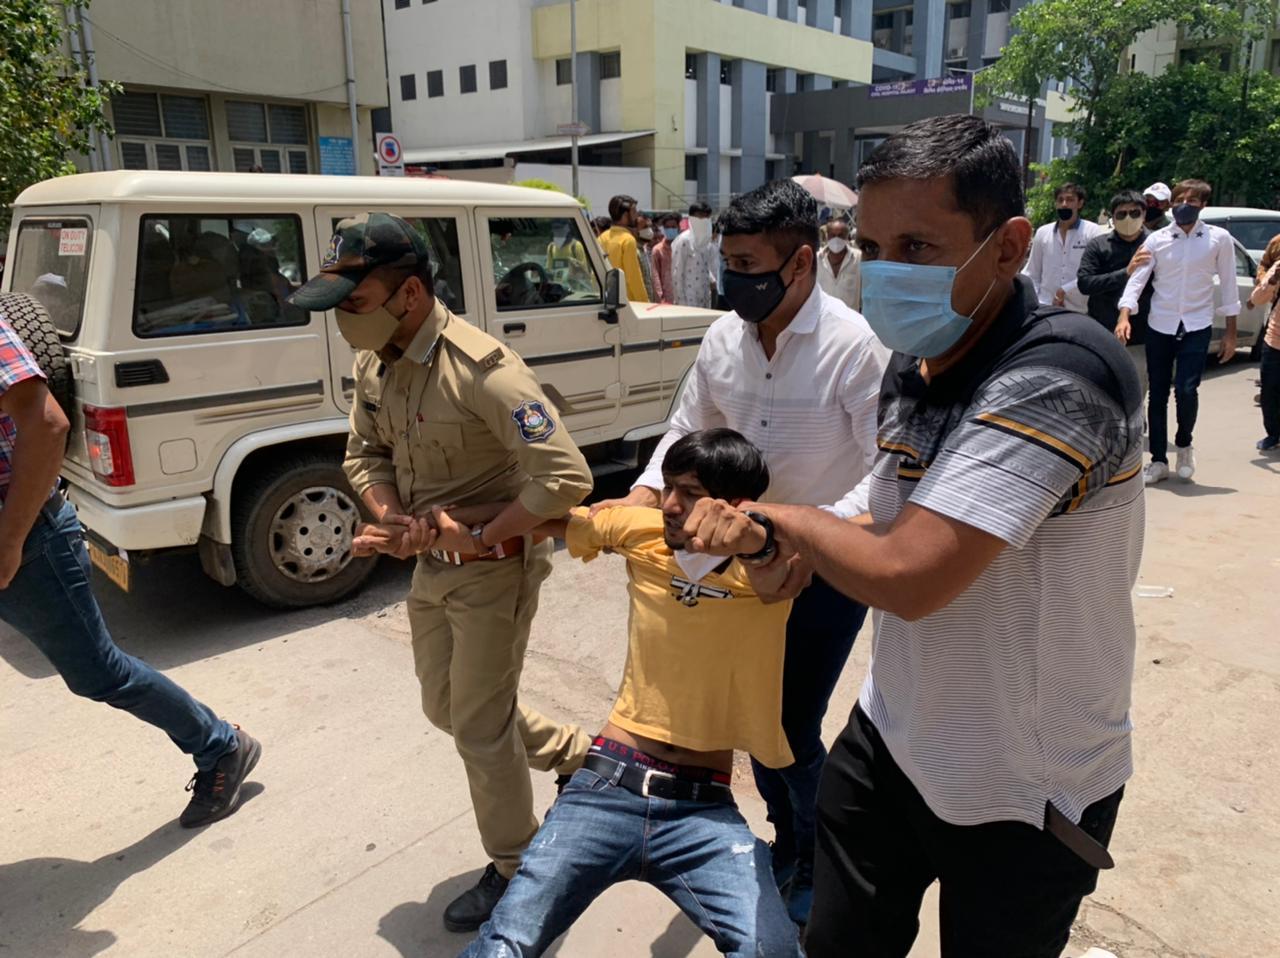 રાજકોટમાં નર્સિંગના વિદ્યાર્થીઓની ન્યાયની માંગ, કહ્યું - 22 હજાર પગાર આપવાનો લેખિત આદેશ છતાં મળ્યો નથી, ટીંગાટોળી સાથે અટકાયત રાજકોટ,Rajkot - Divya Bhaskar